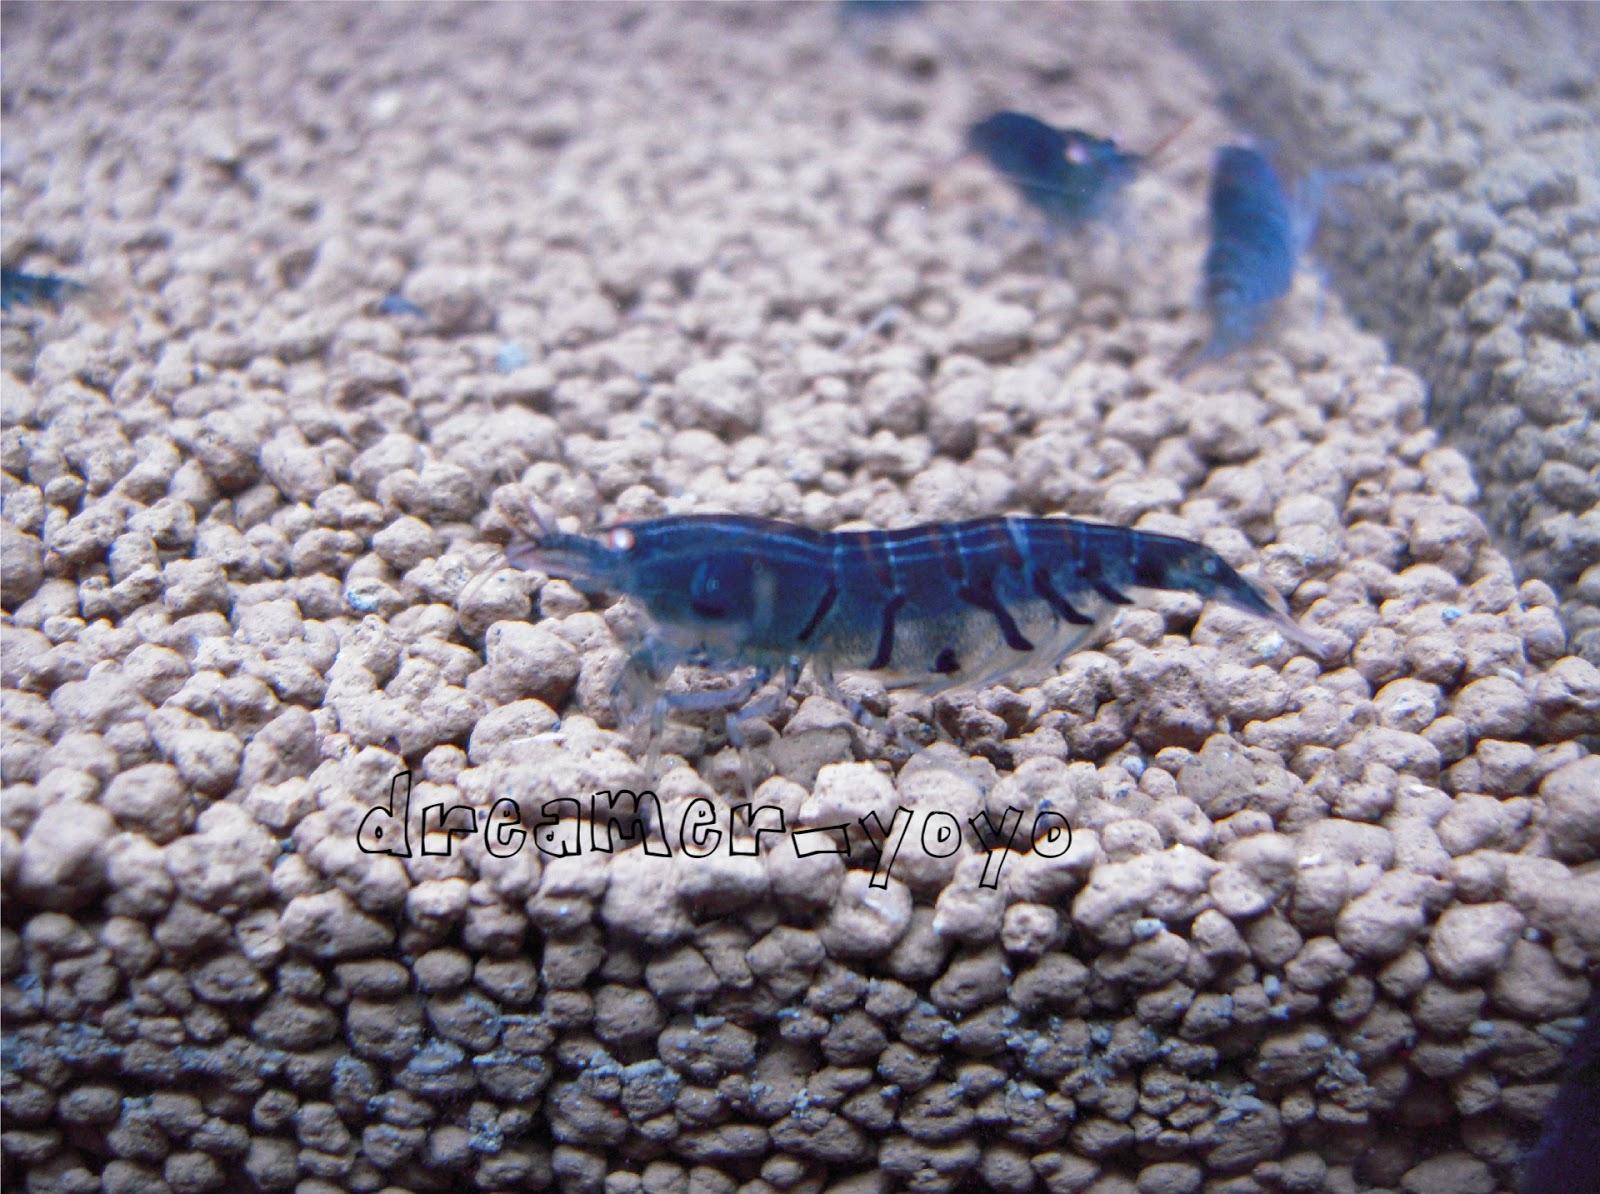 Crystal Red Shrimp: OEBT -- orange eye blue tiger shrimp